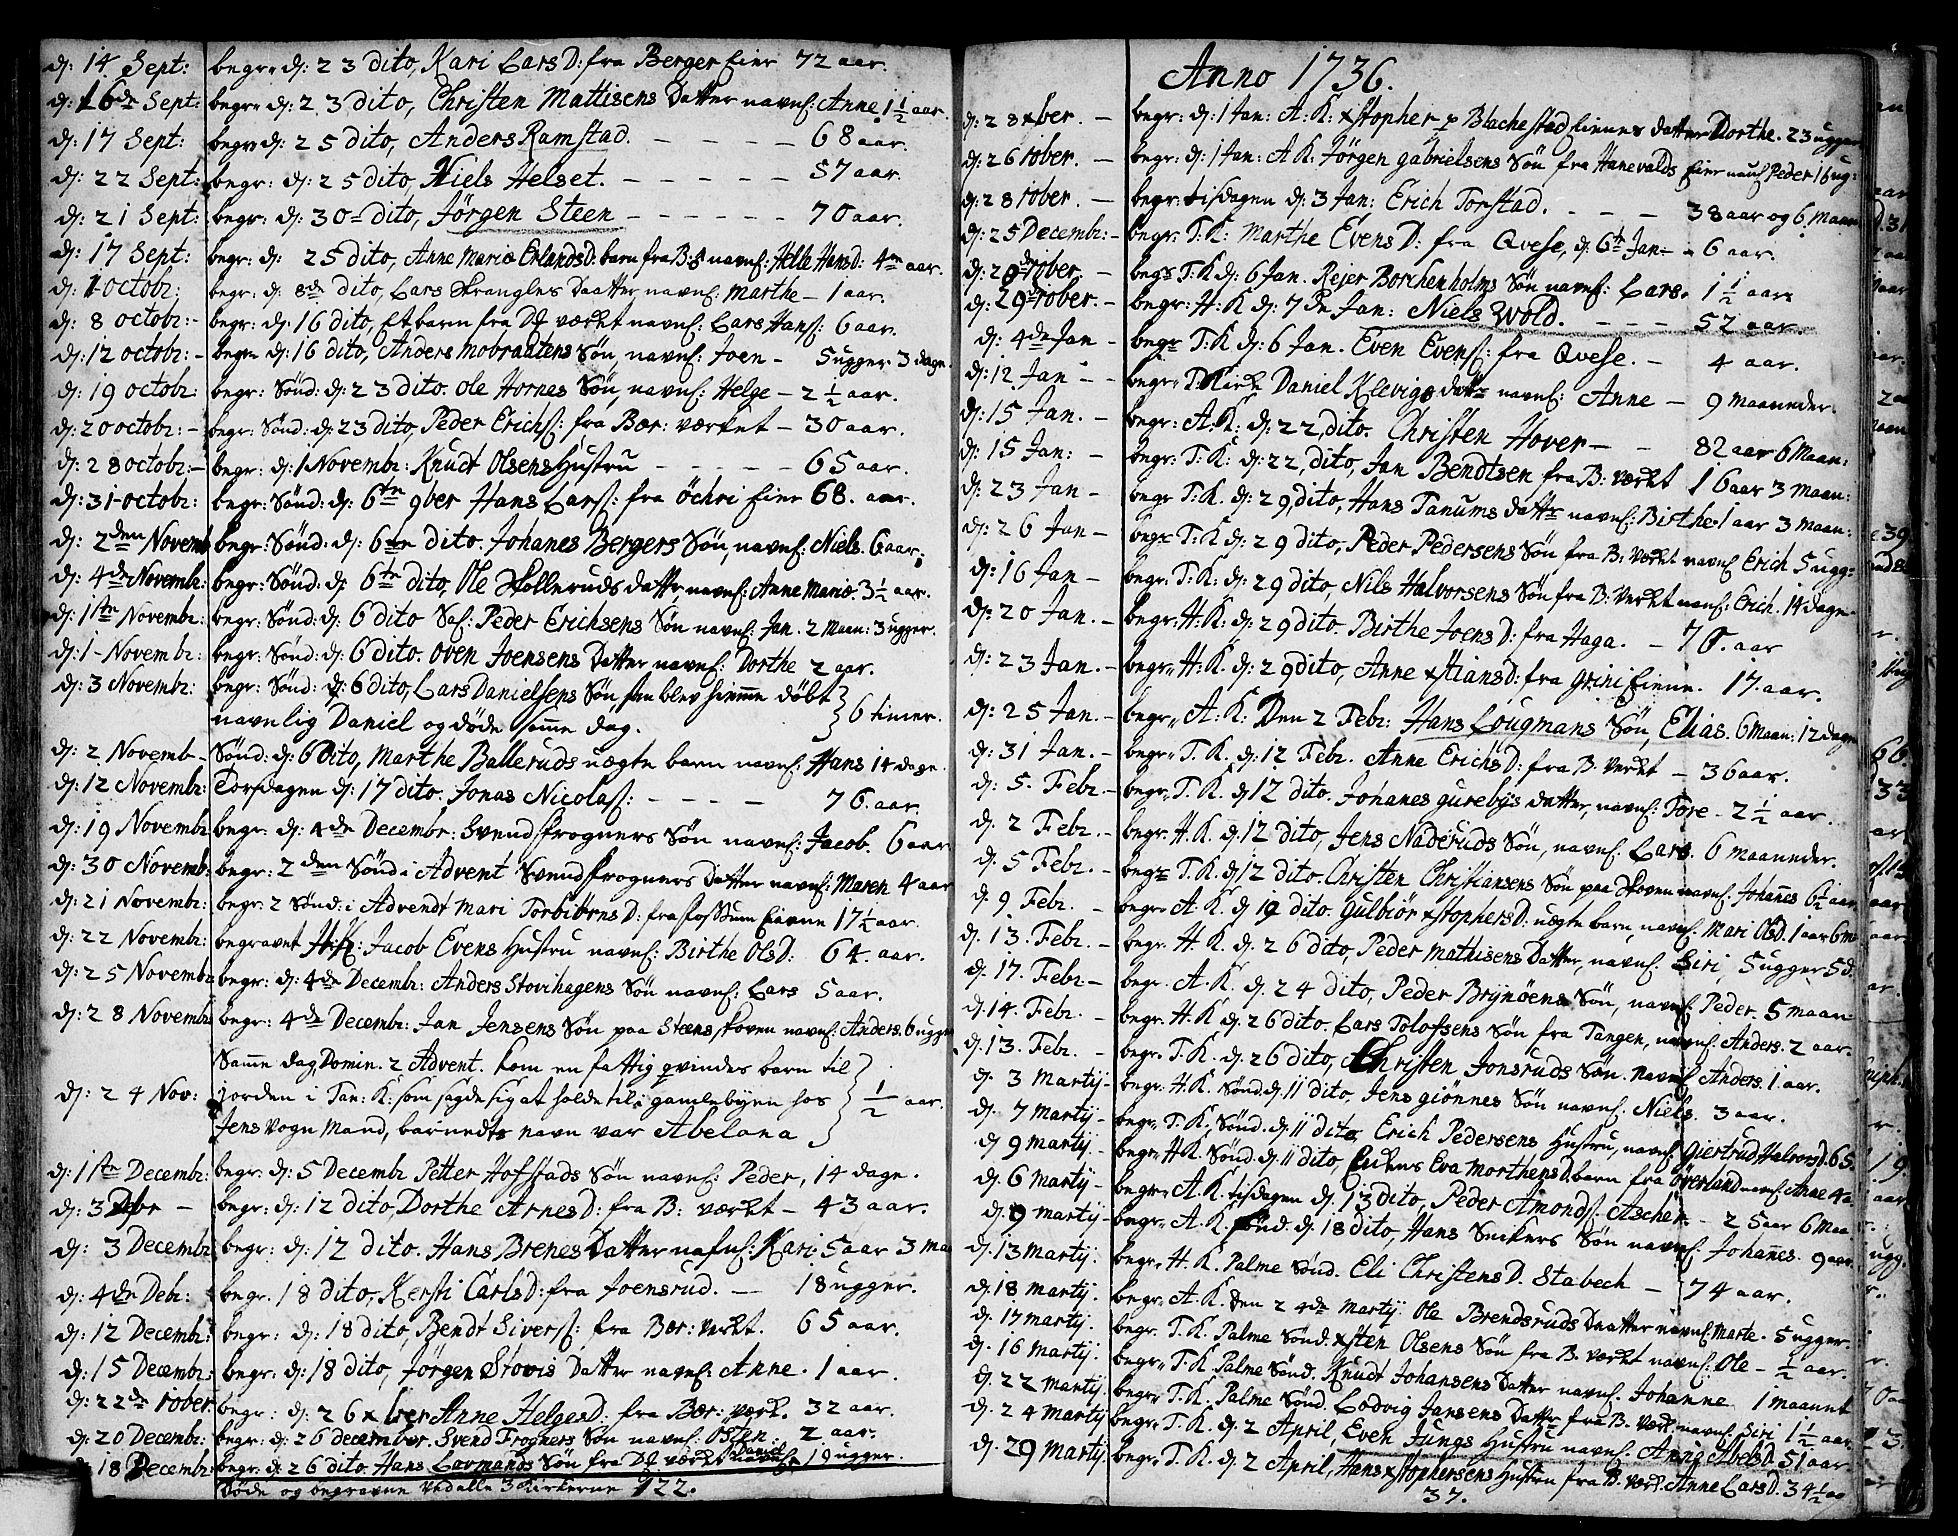 SAO, Asker prestekontor Kirkebøker, F/Fa/L0001: Ministerialbok nr. I 1, 1726-1744, s. 98